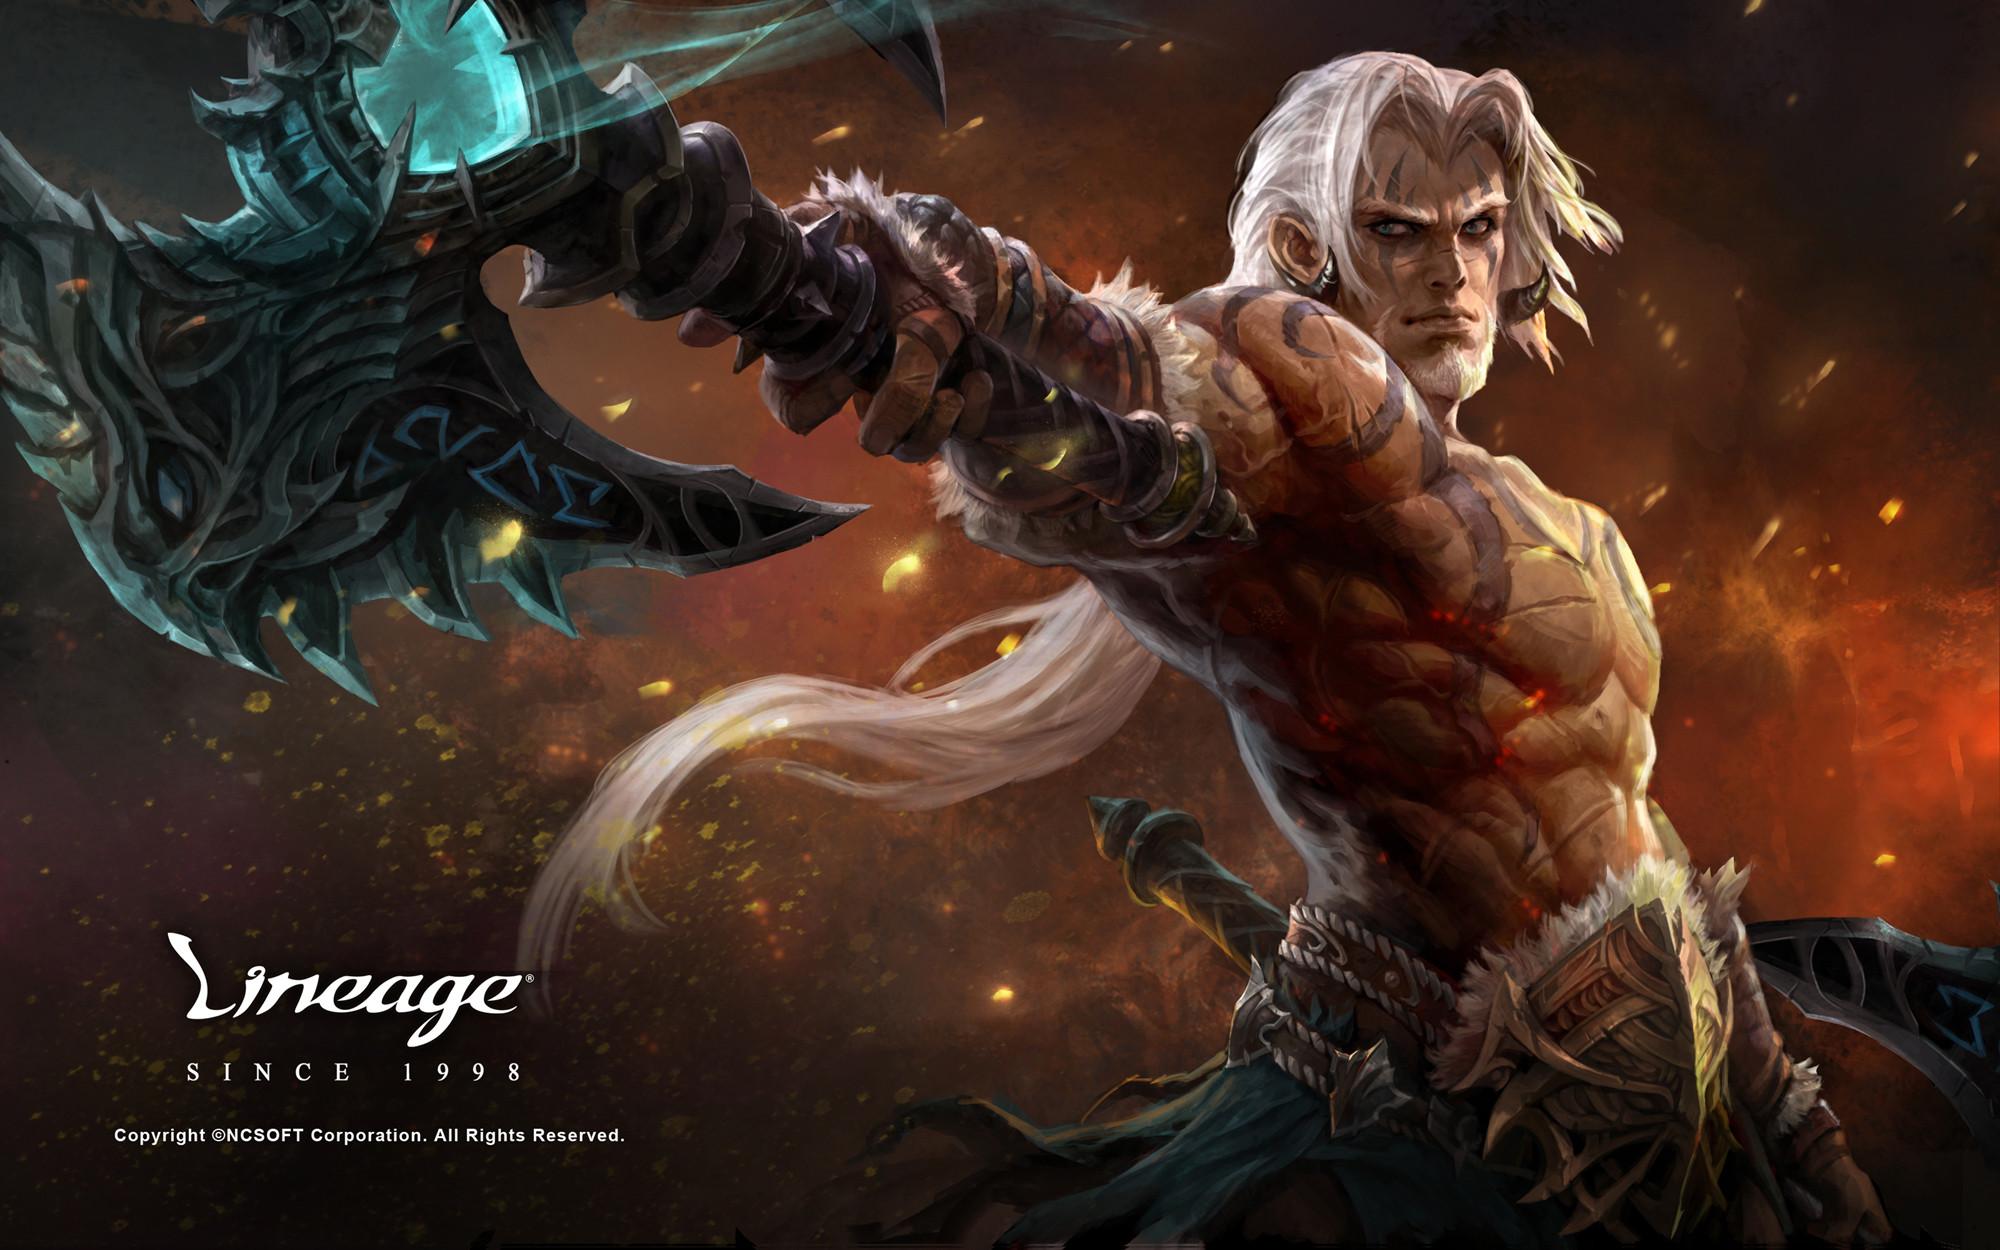 https://cdnb.artstation.com/p/assets/images/images/001/975/909/4k/kim-sung-hwan-lineage-warrior-02.jpg?1455445050